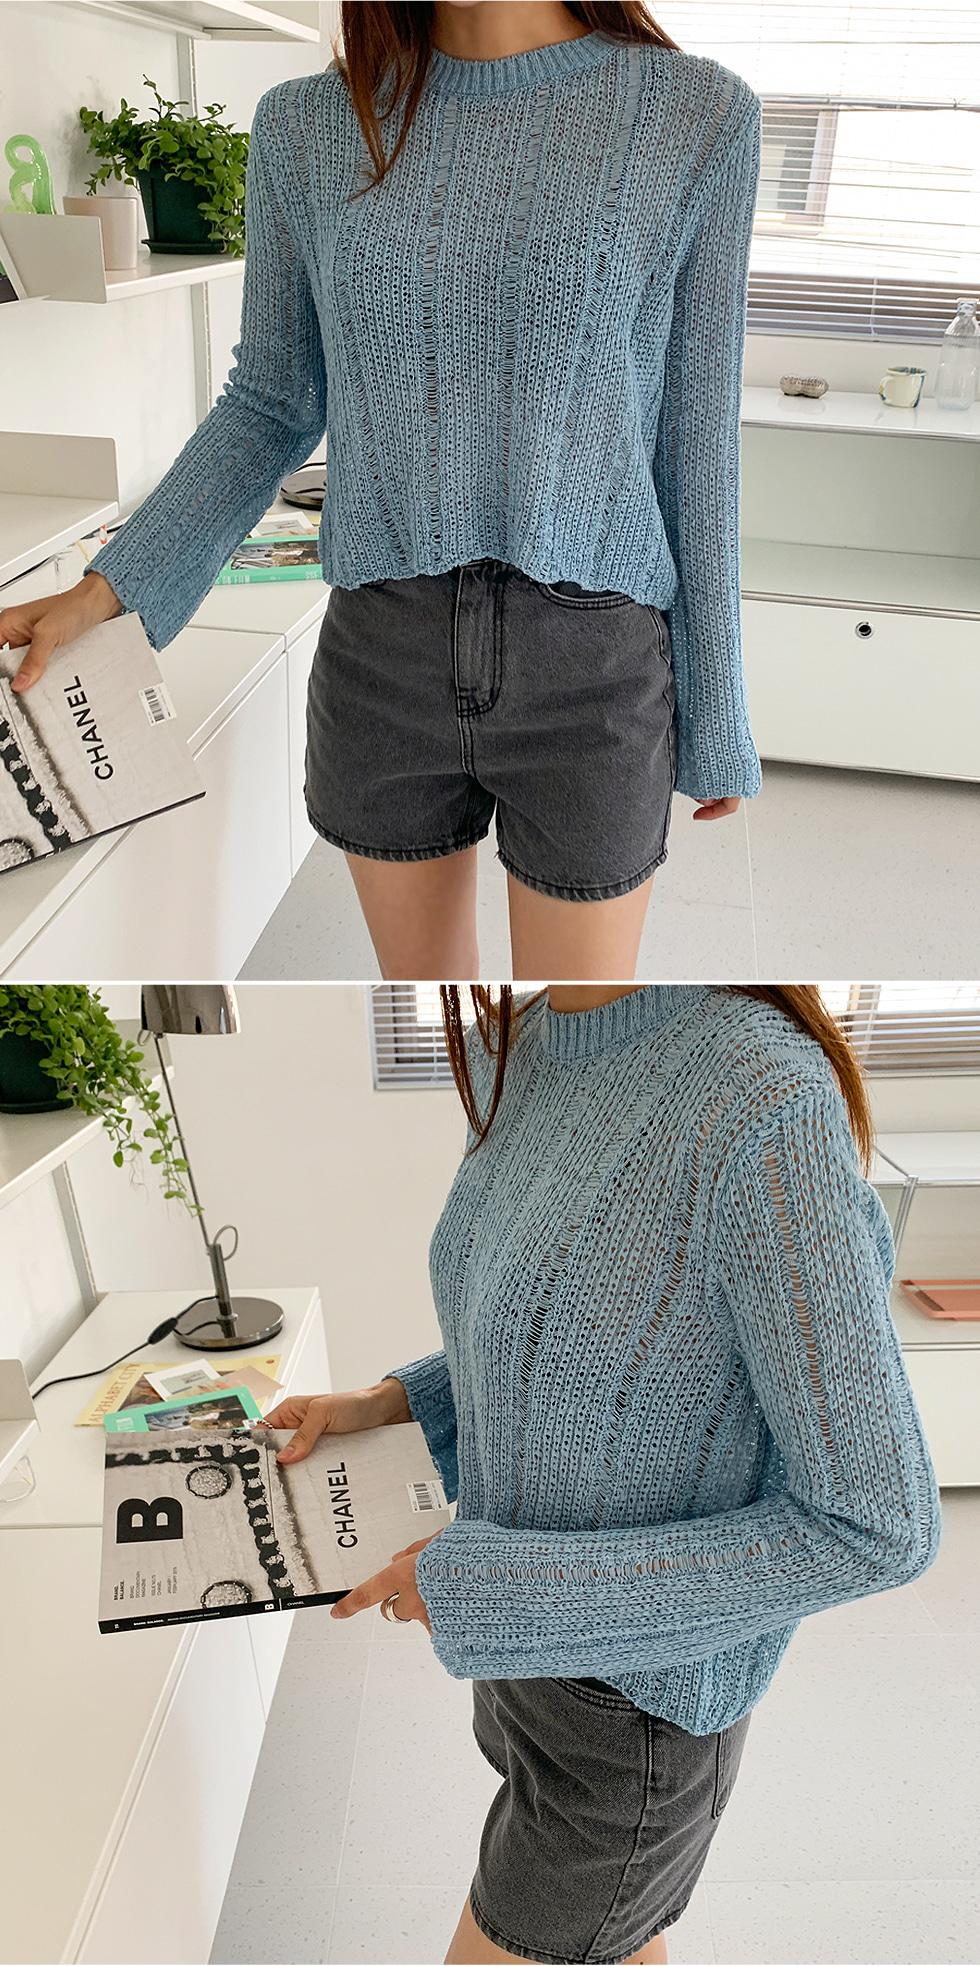 Plaindenim shorts